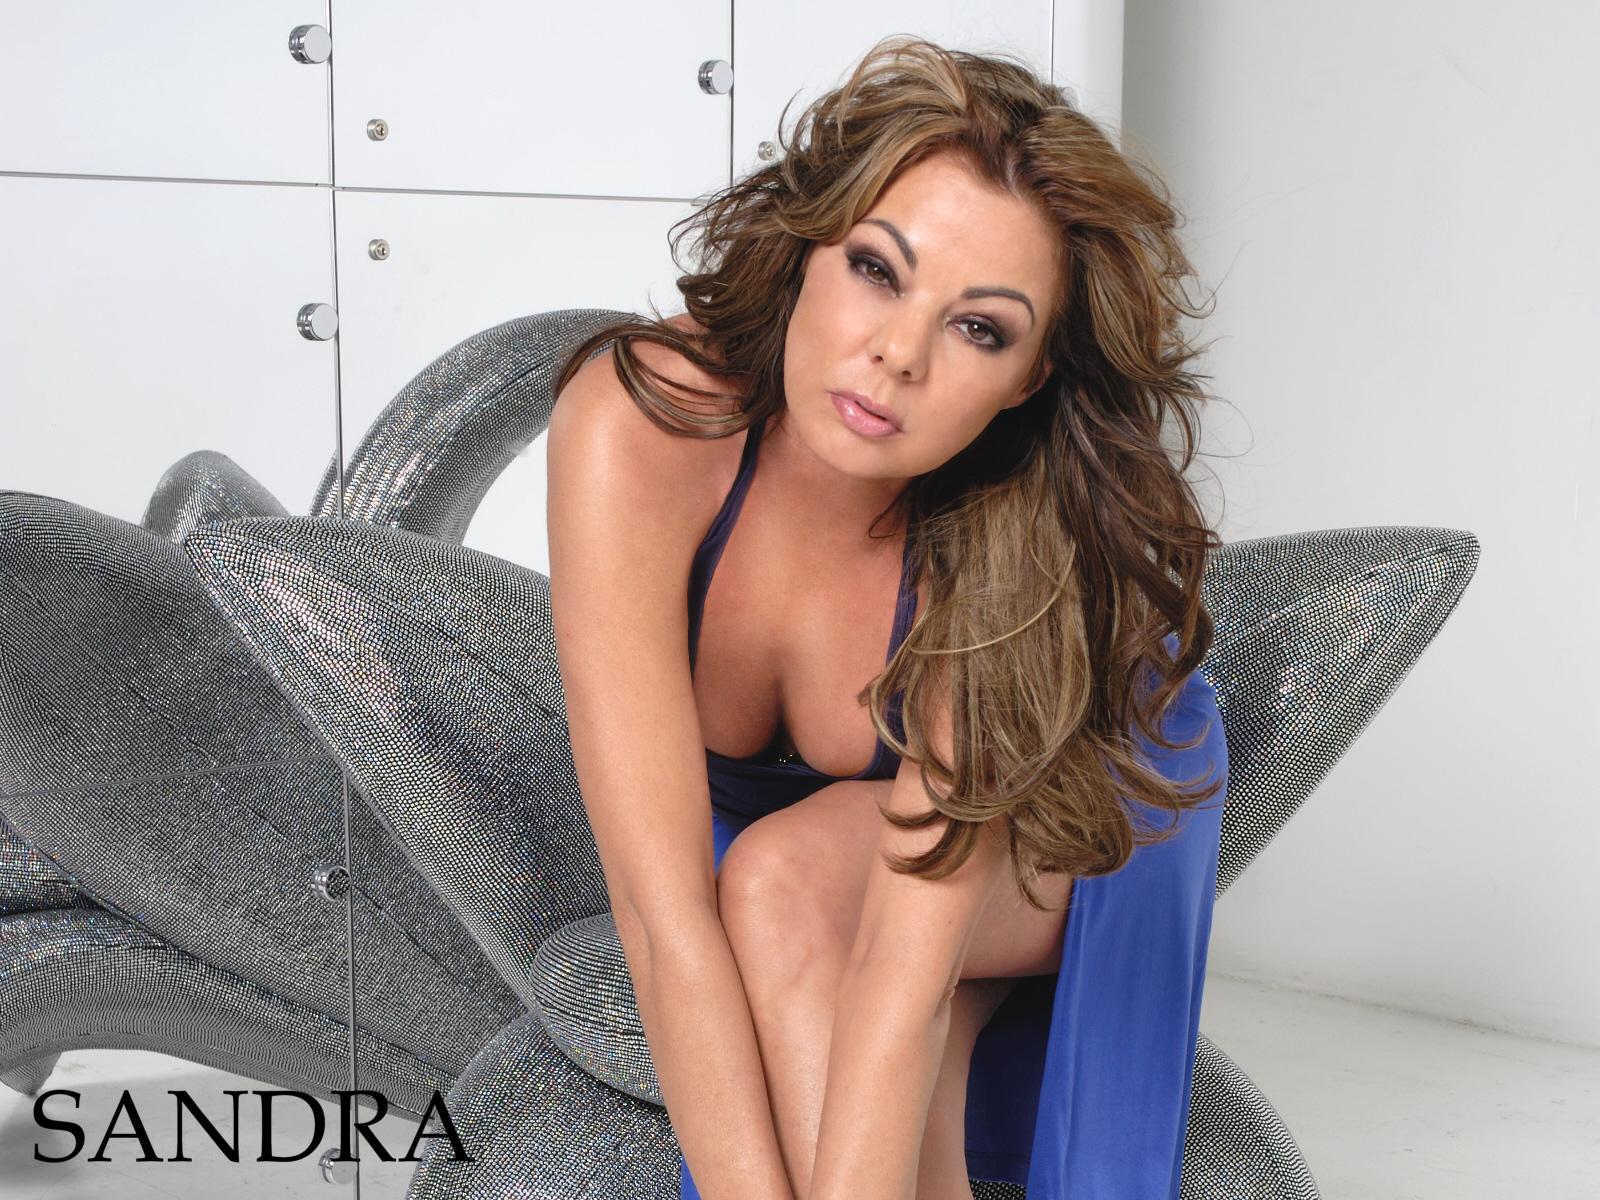 Сандра нова ролики 21 фотография